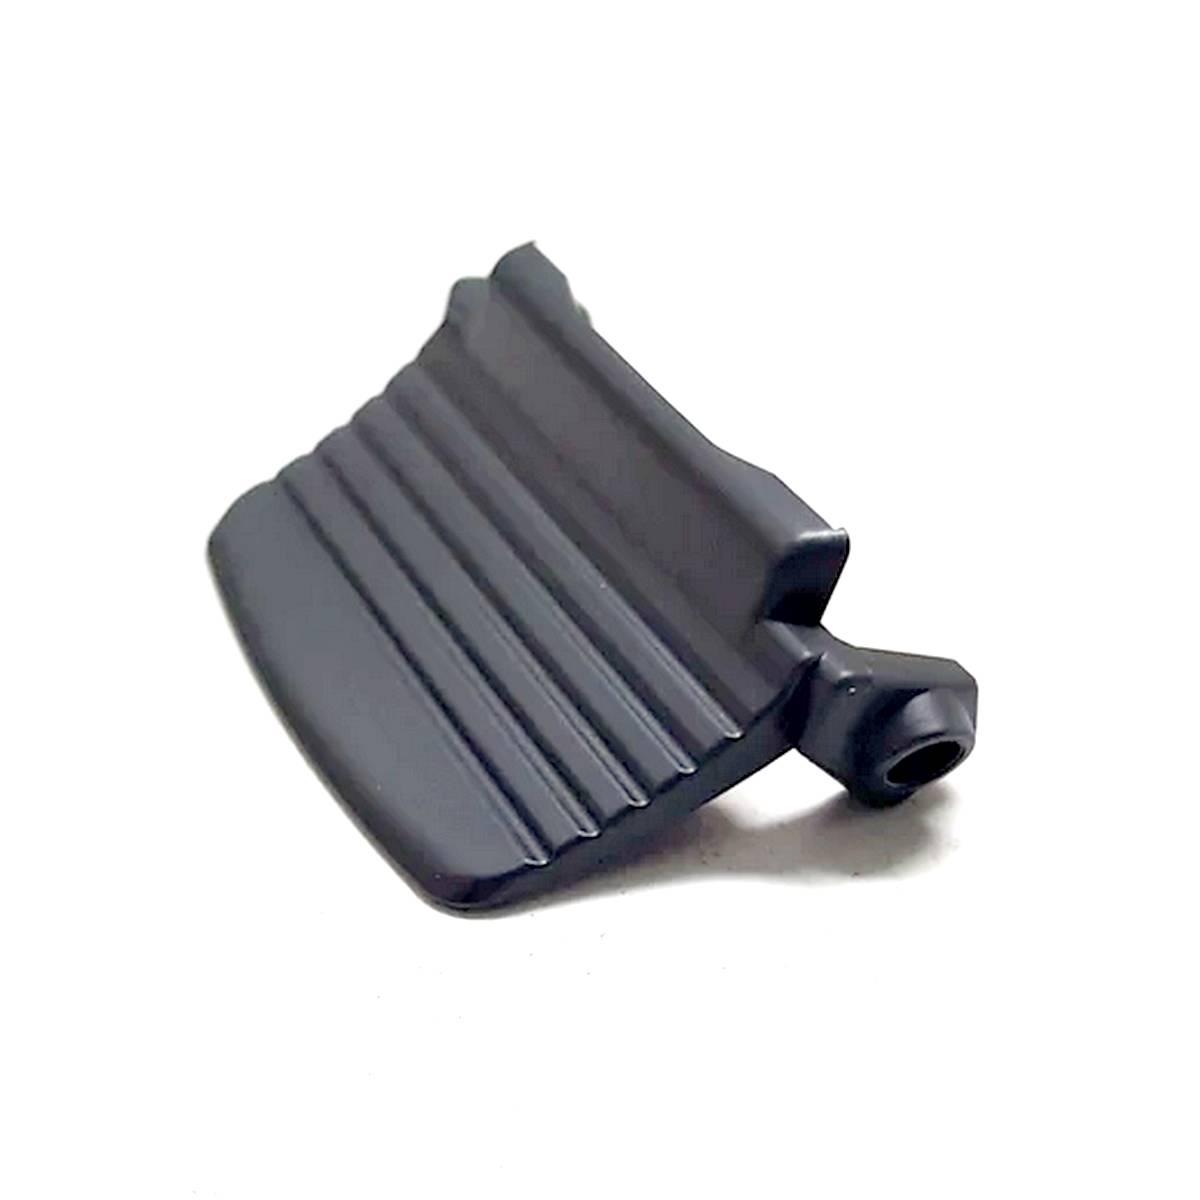 Protetor Casio G-Shock G-7900 / GW-7900 Protector Case Back Preto 12h  - E-Presentes